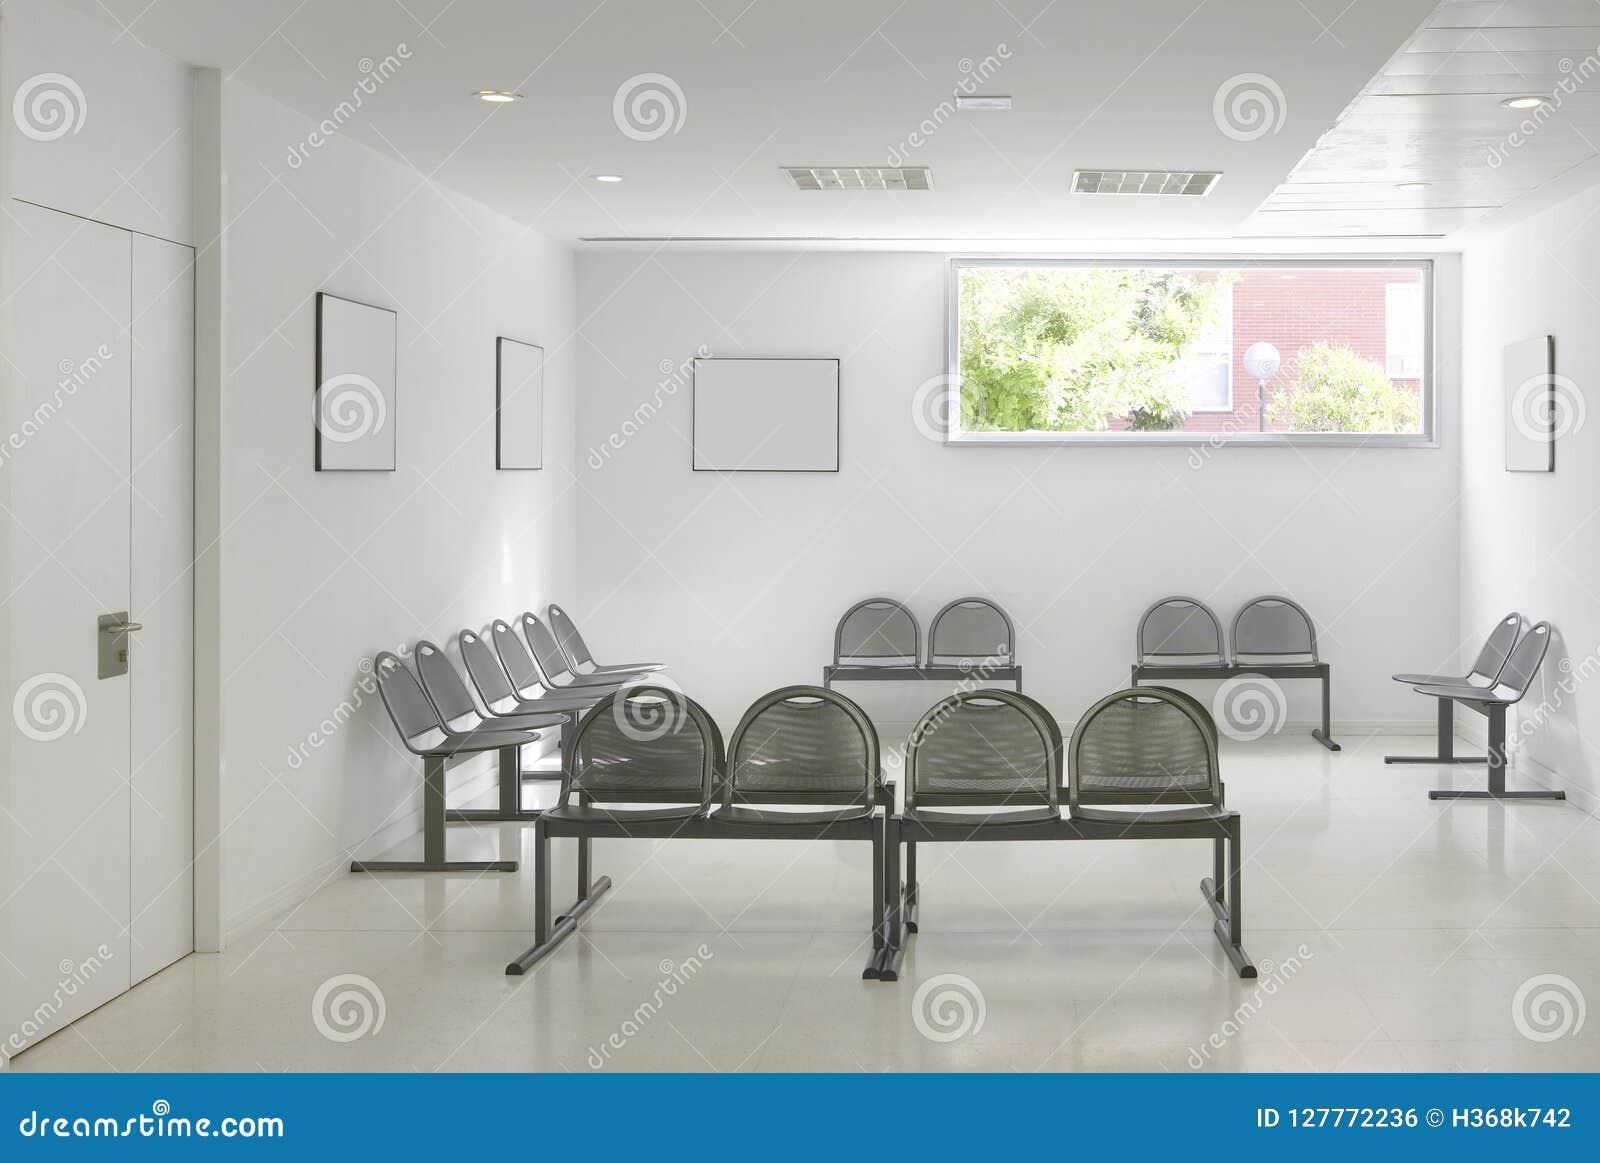 Zona de espera del edificio público Detalle del interior del hospital nadie